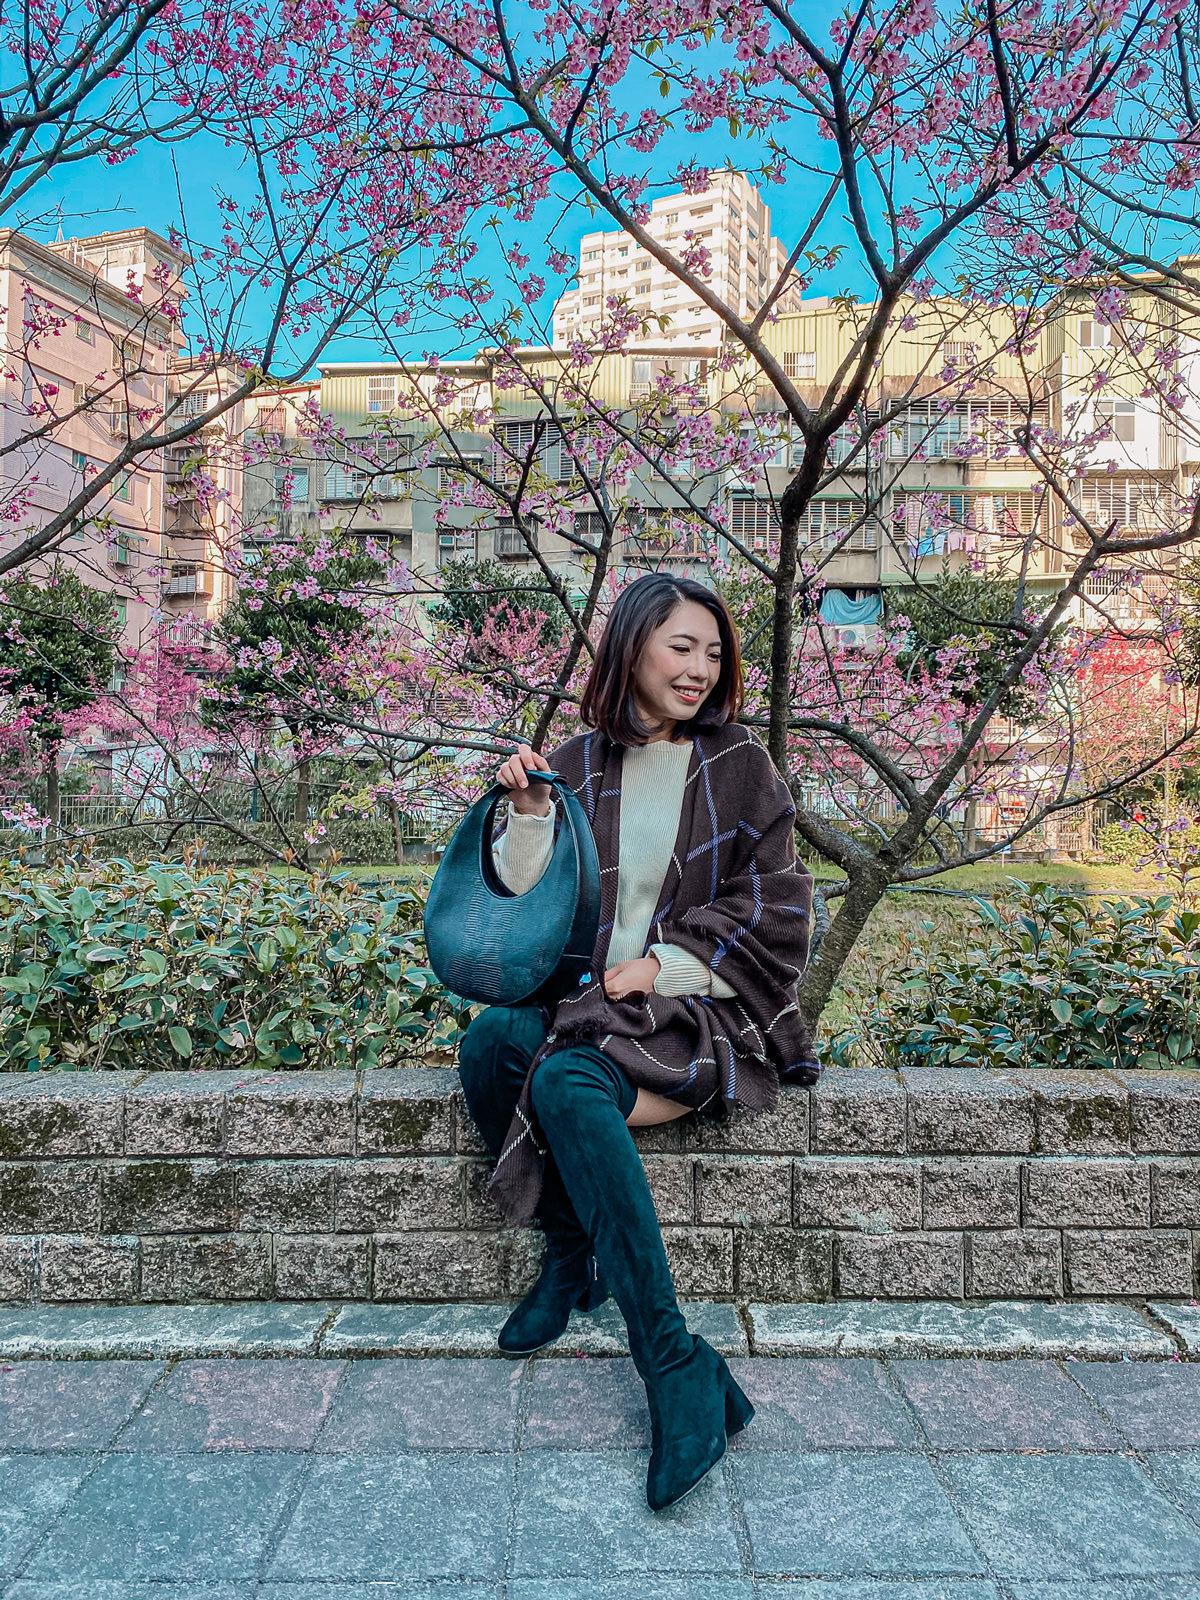 賞櫻季節🌸今年的賞櫻穿搭~Line & Dot 花瓣毛衣超可愛,很適合穿去賞櫻呀!